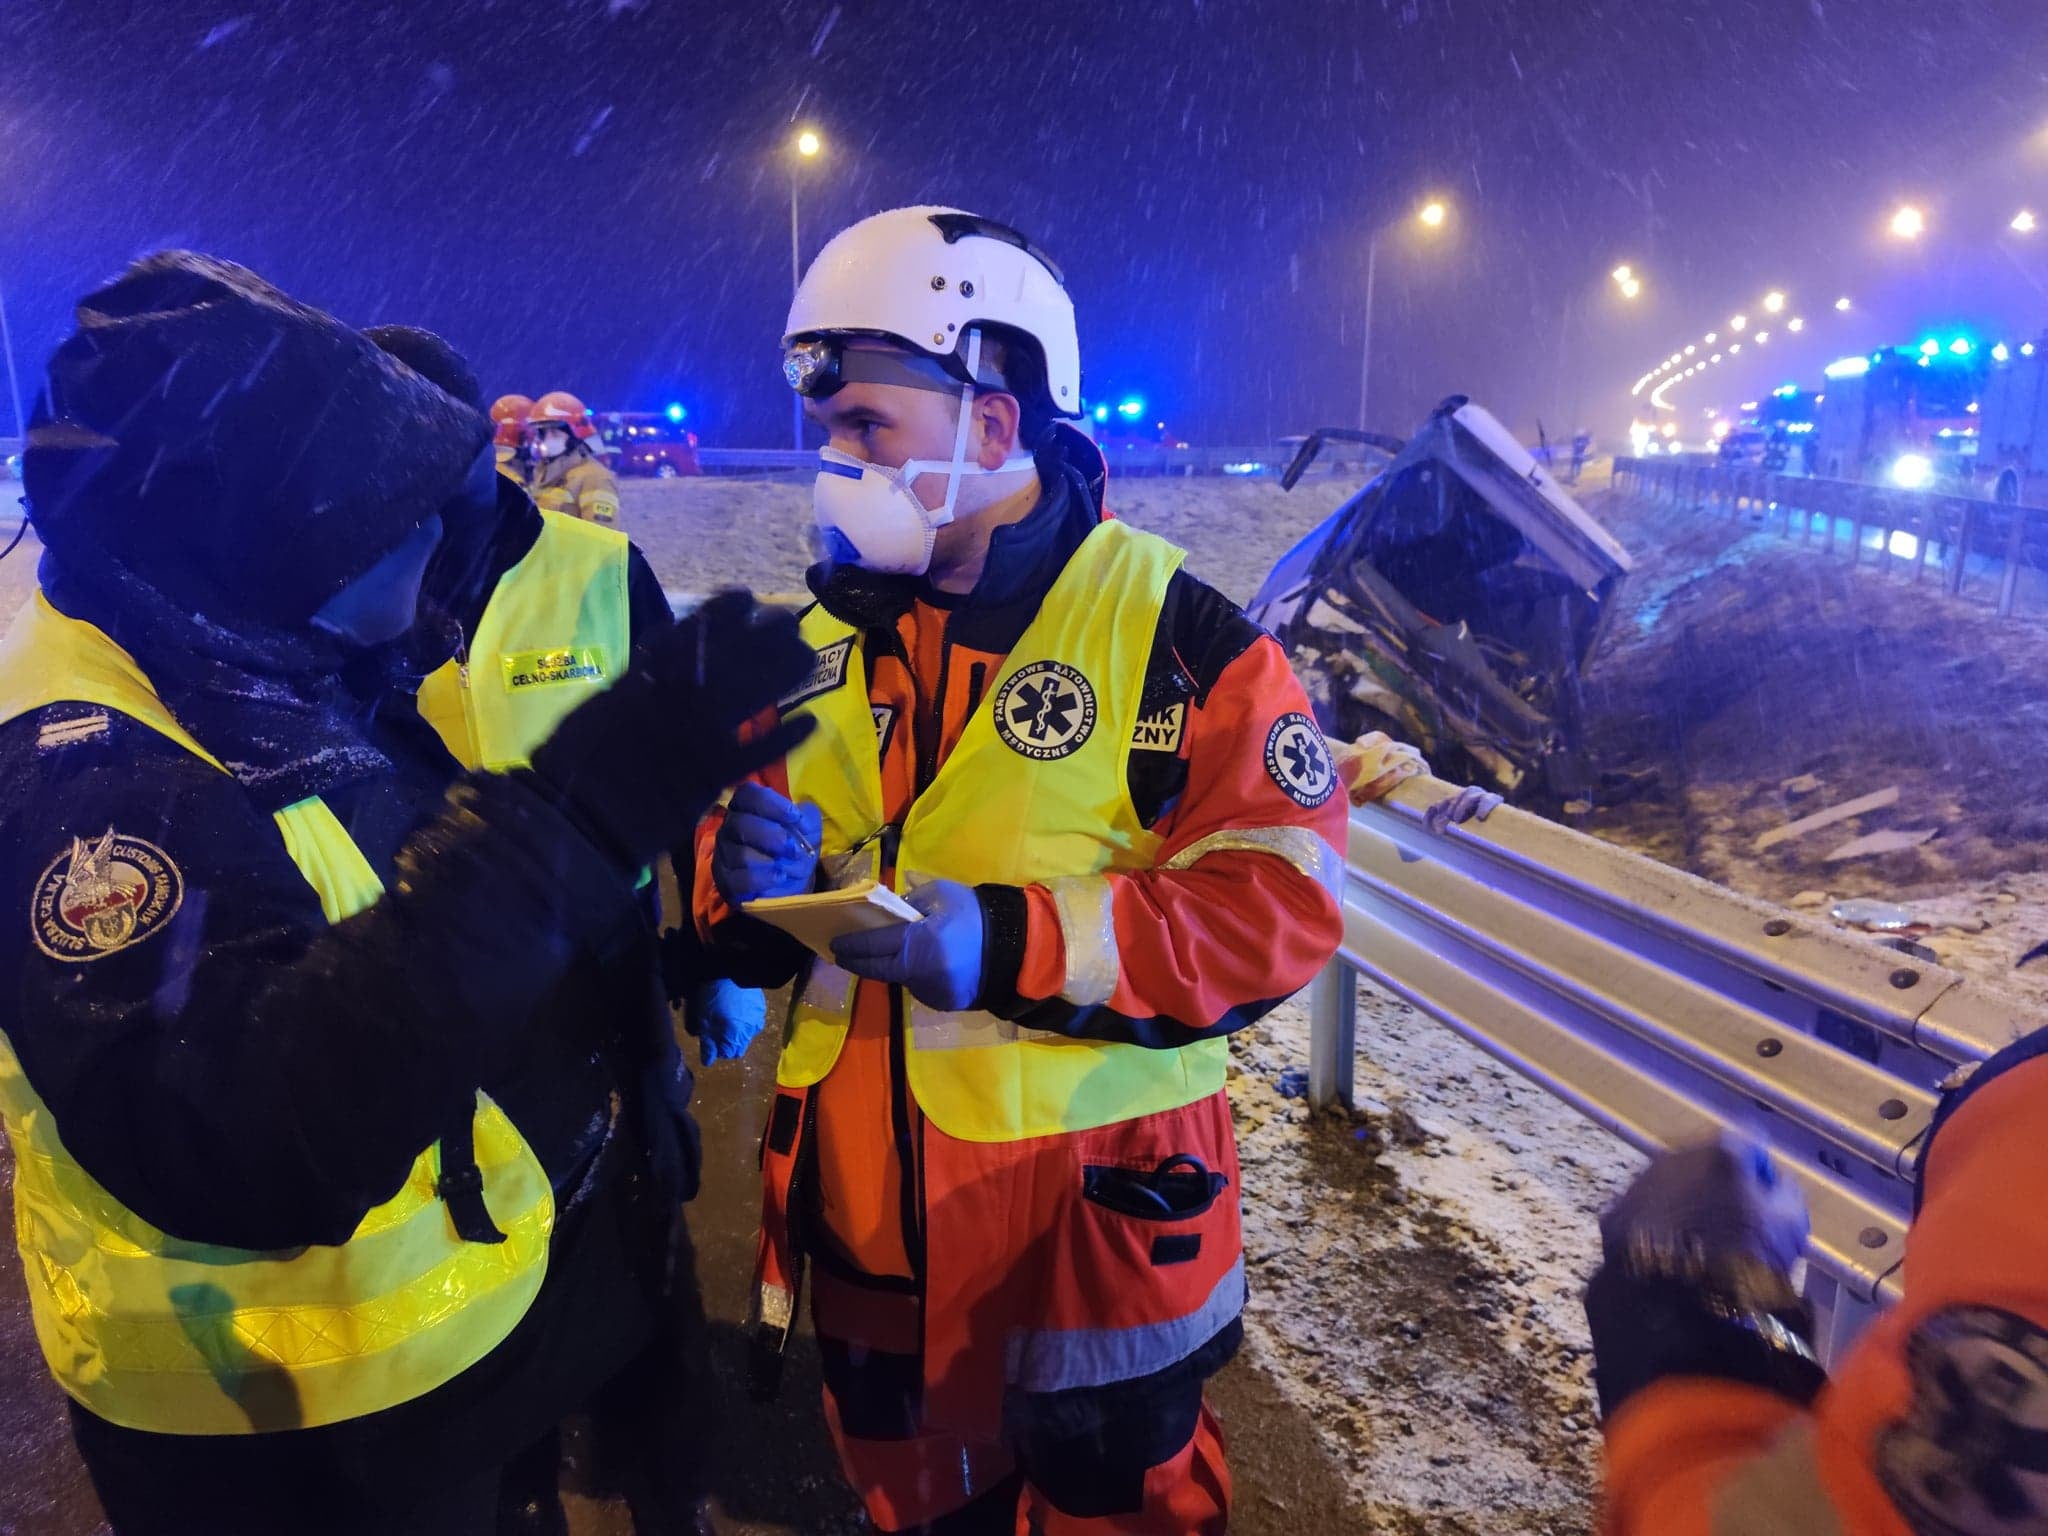 Podkarpacie: Kolejny wypadek autokaru na autostradzie A4 [ZDJĘCIA] - Zdjęcie główne